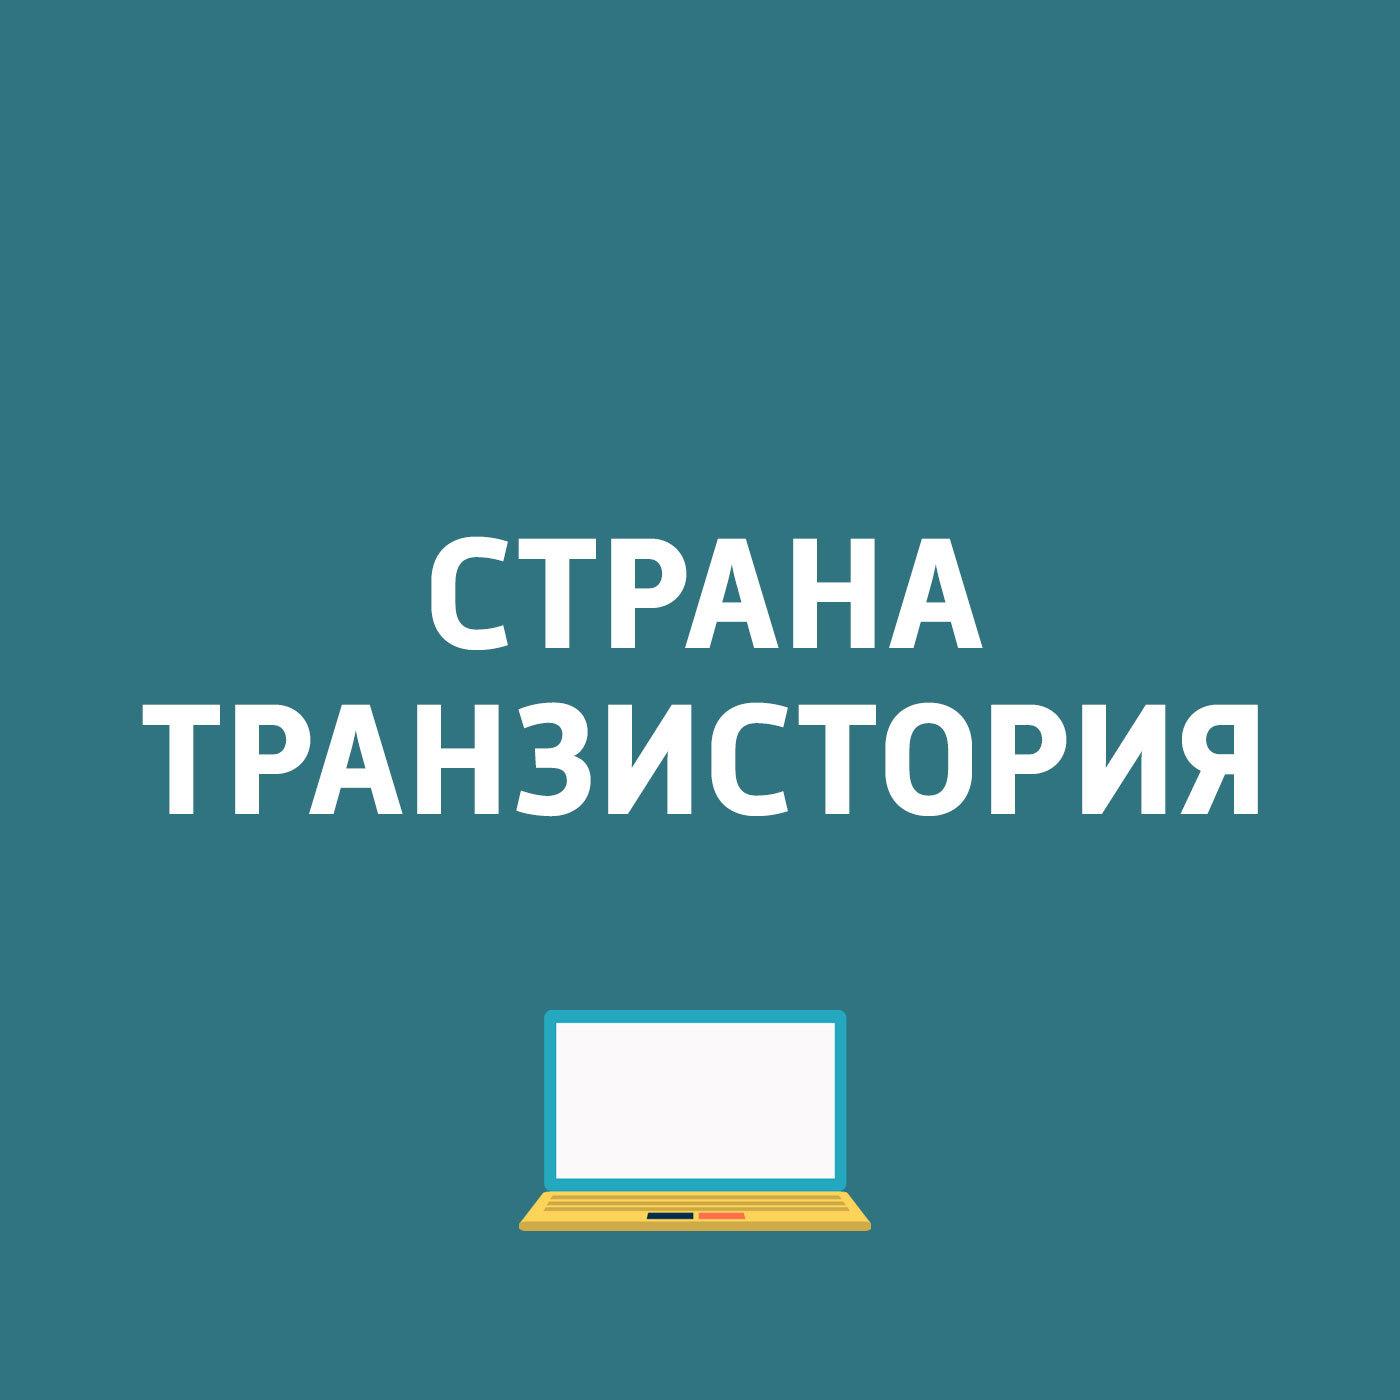 Картаев Павел Начались продажи iPhone SE и Predator 8 GT-810. Презентация читалки от Amazon картаев павел apple iphone 7 стал самым продаваемым смартфоном начала 2017 года